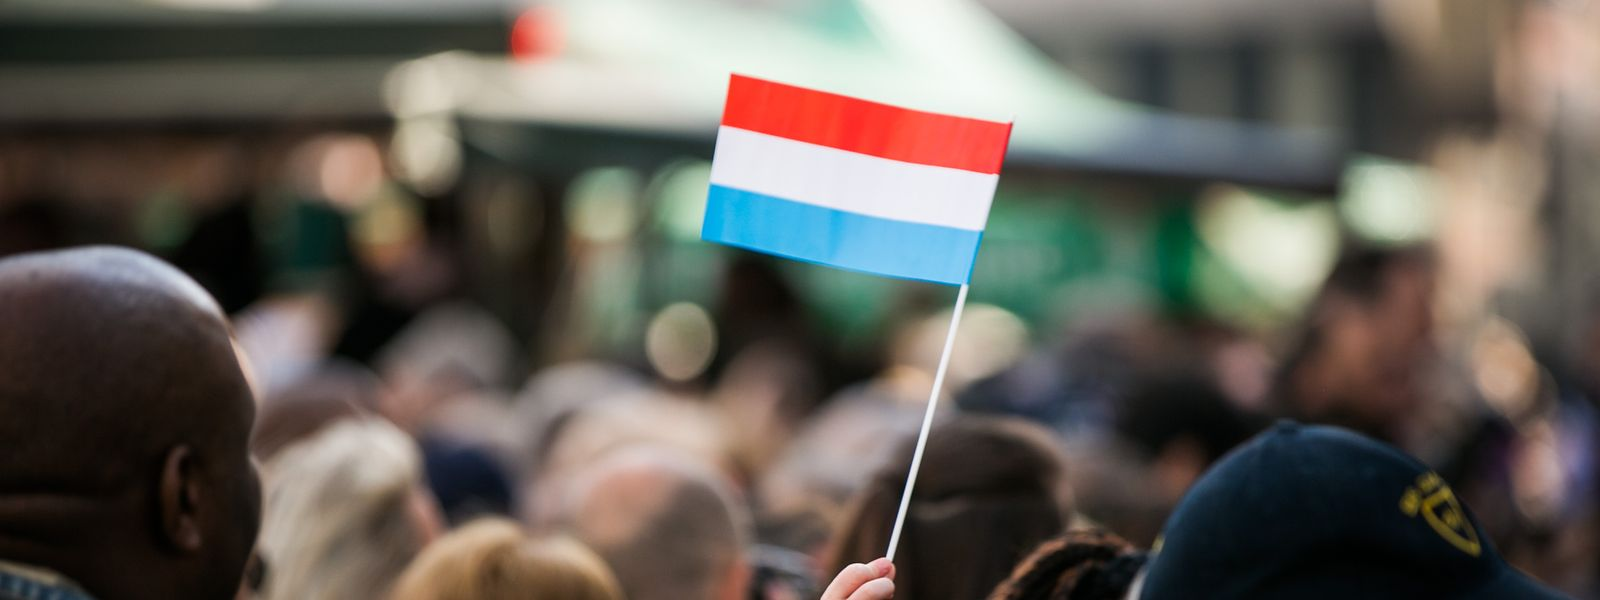 Das Zusammenleben in Esch ist geprägt durch kulturelle Vielfalt.